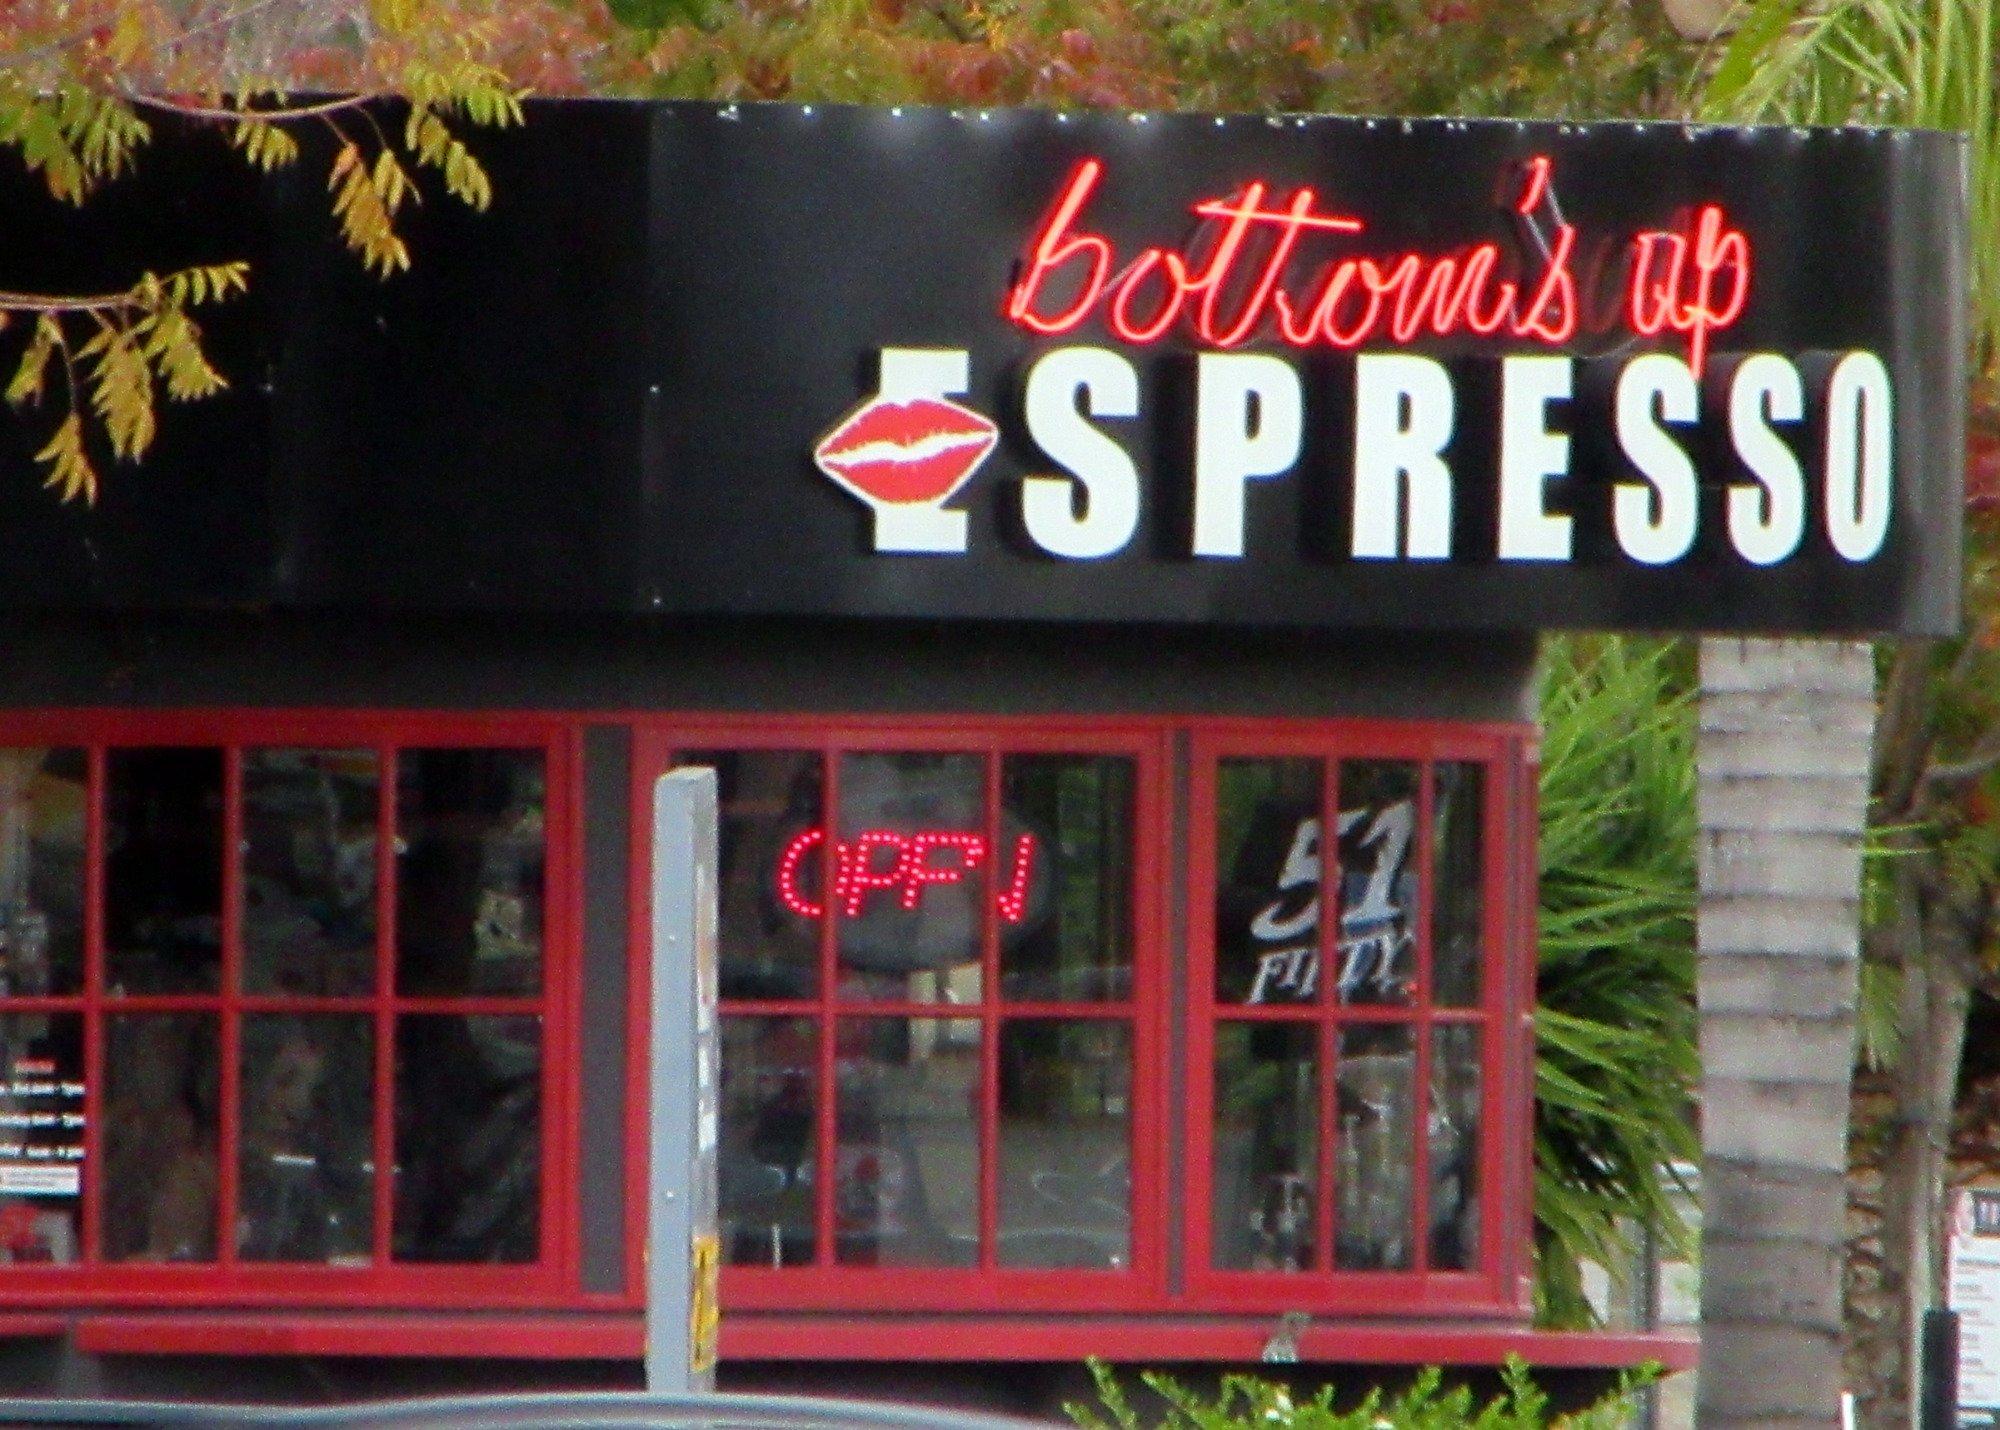 Bottom S Up Espresso